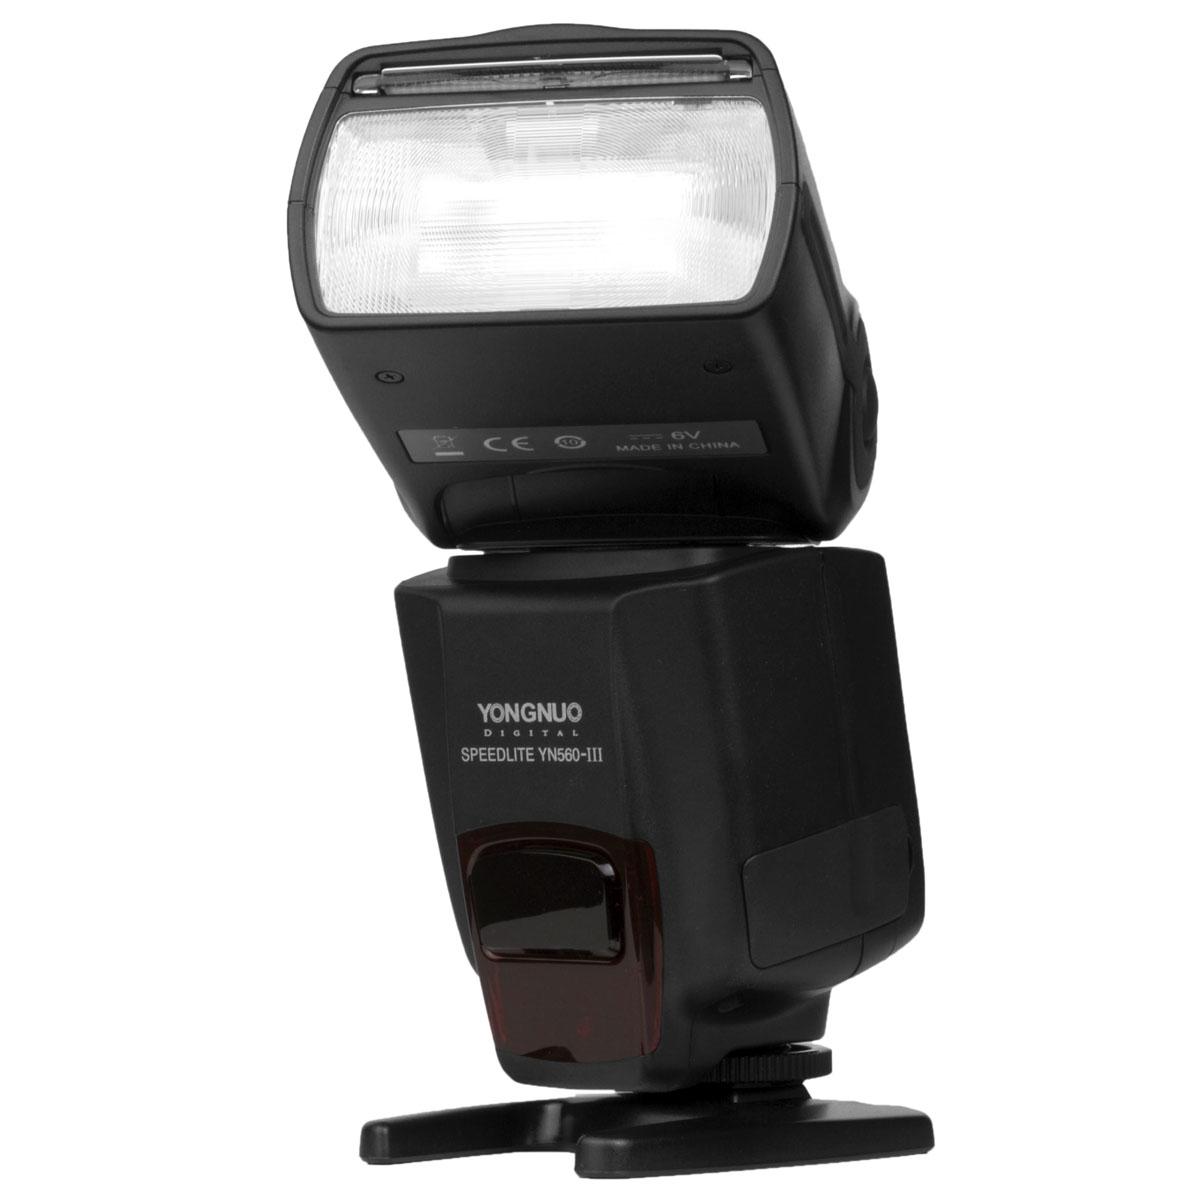 Yongnuo YN560 III LCD Flash for Speedlite Speedlight for Canon 1D 5D 6D 7D 60D LF242<br><br>Aliexpress